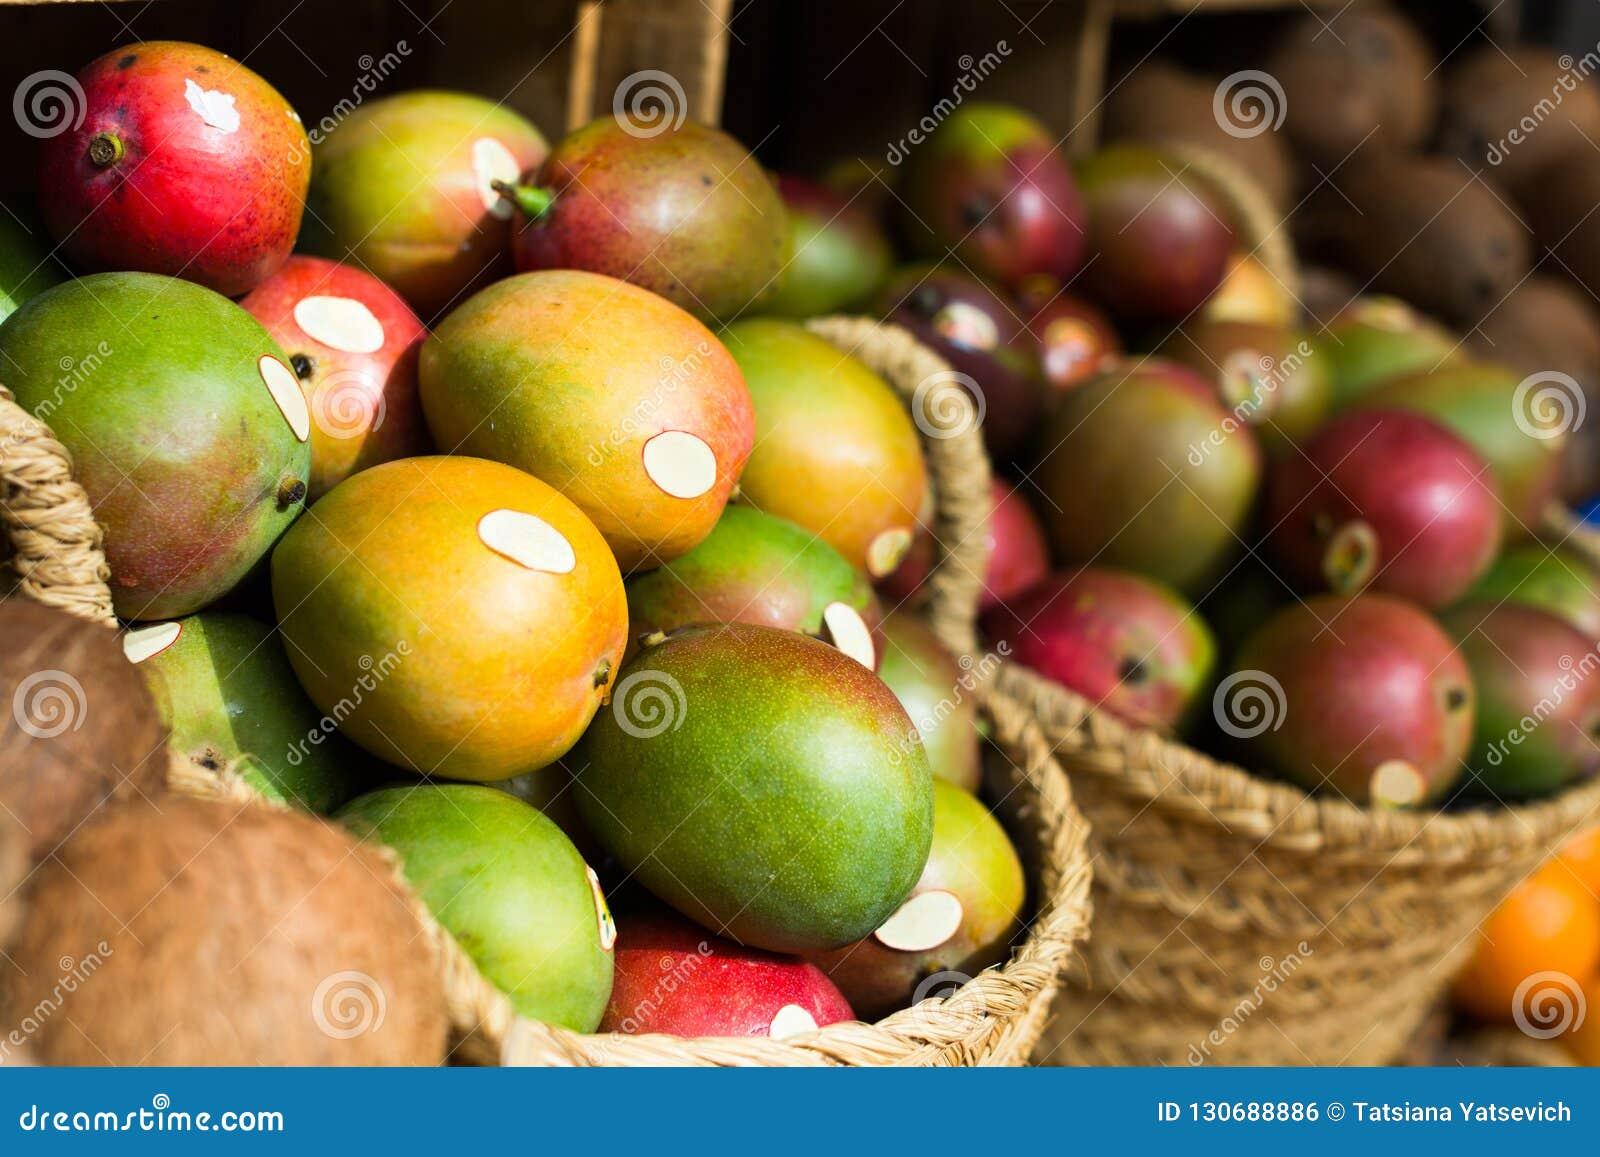 Ripe juicy mango in wicker baskets on market counter